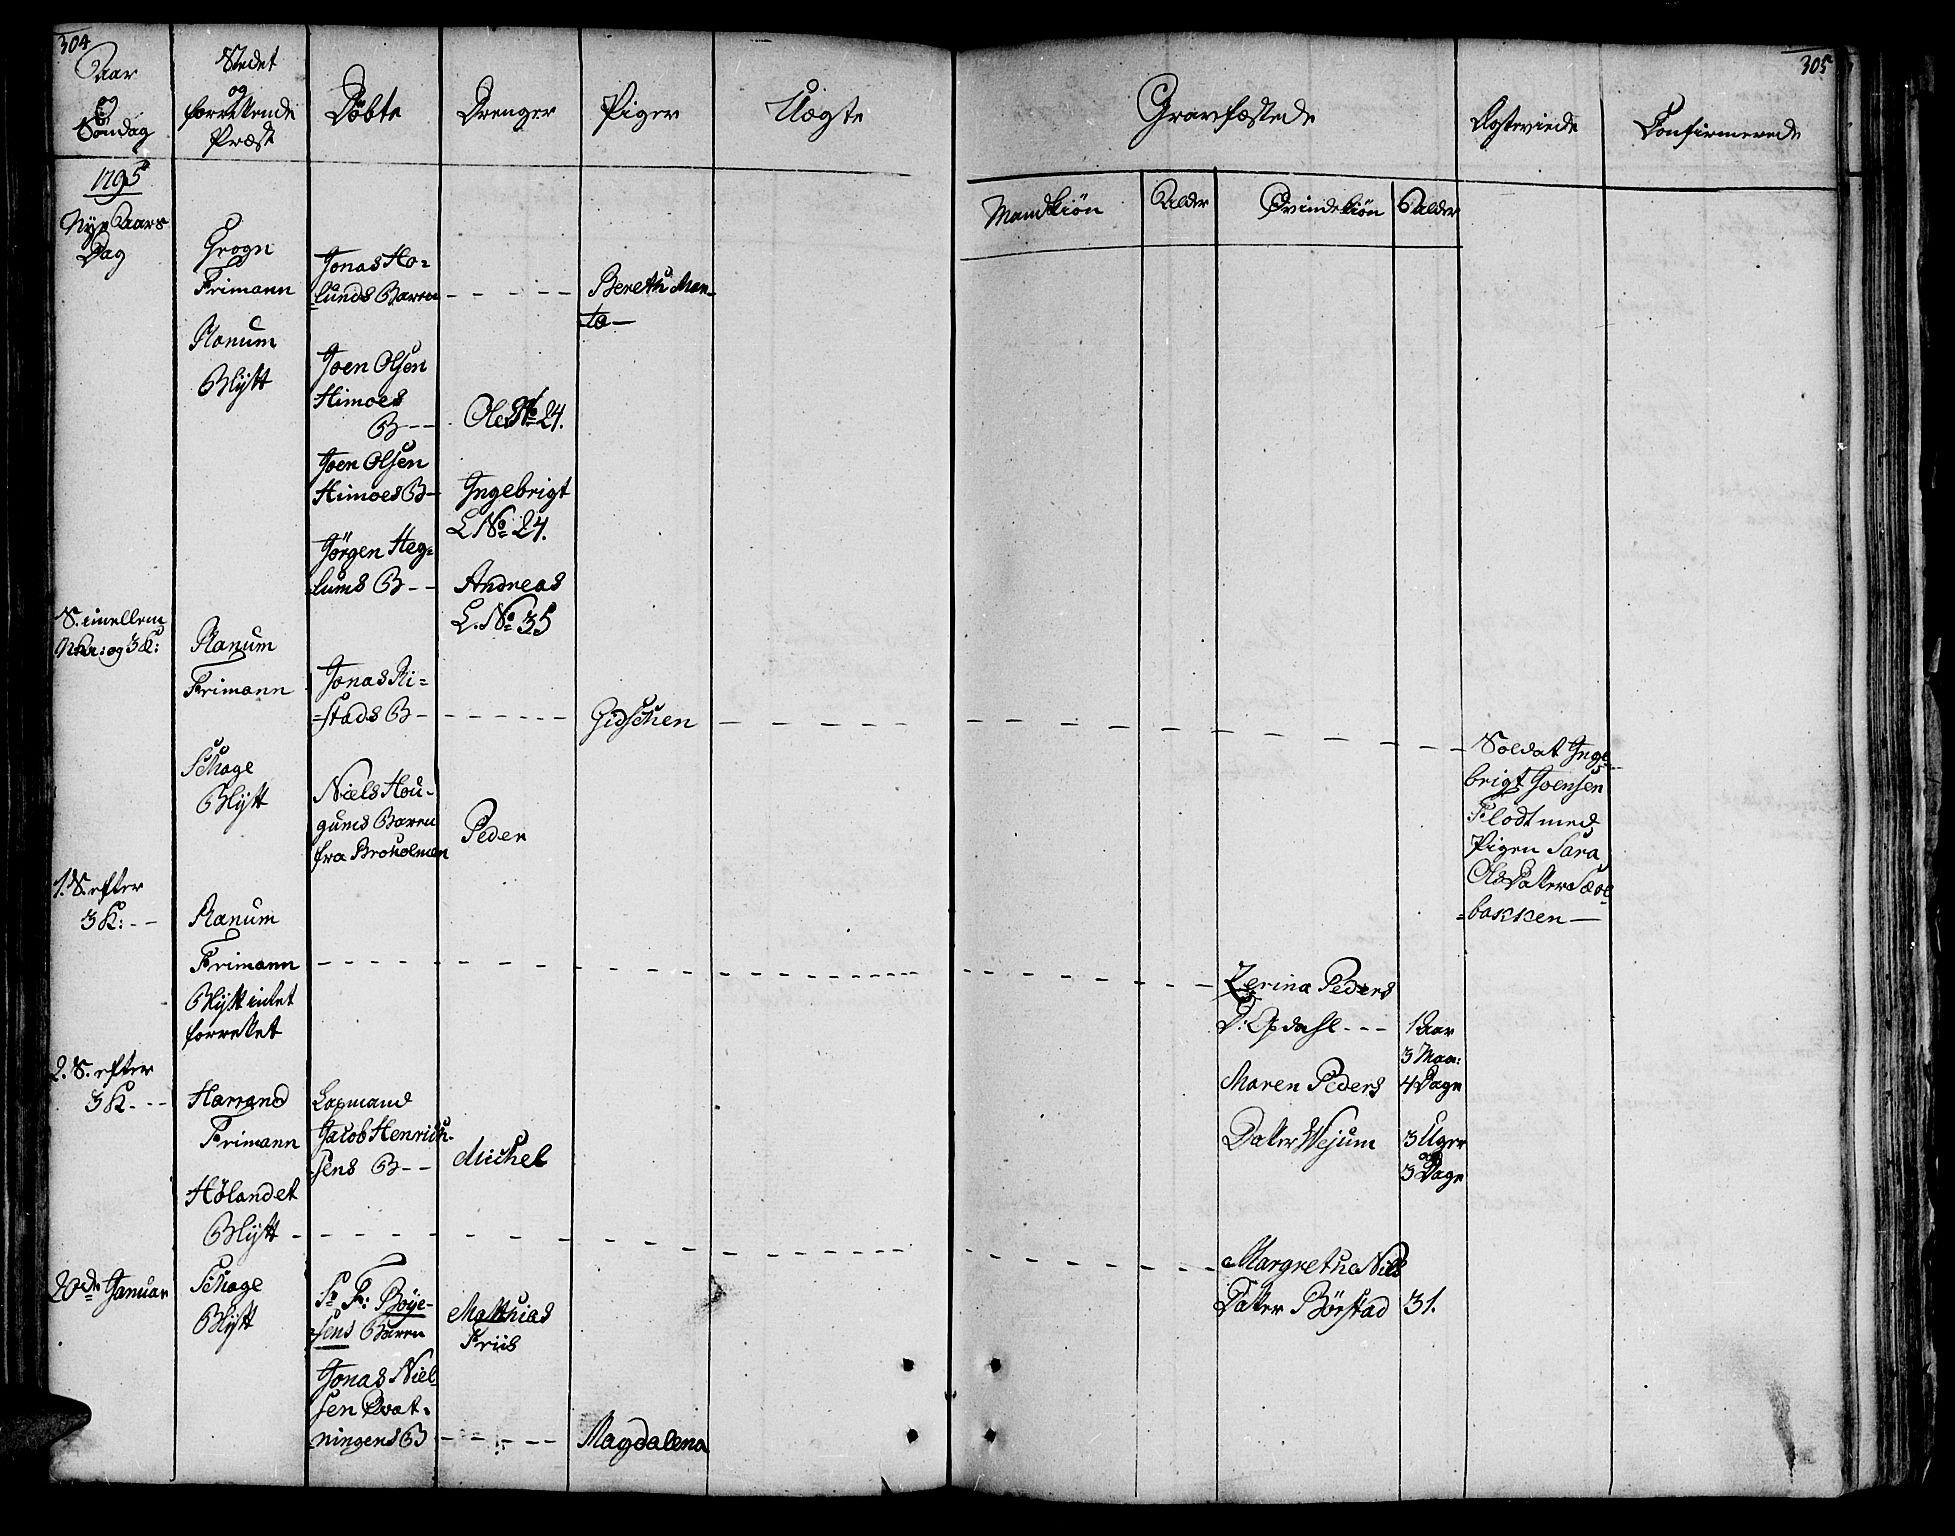 SAT, Ministerialprotokoller, klokkerbøker og fødselsregistre - Nord-Trøndelag, 764/L0544: Ministerialbok nr. 764A04, 1780-1798, s. 304-305